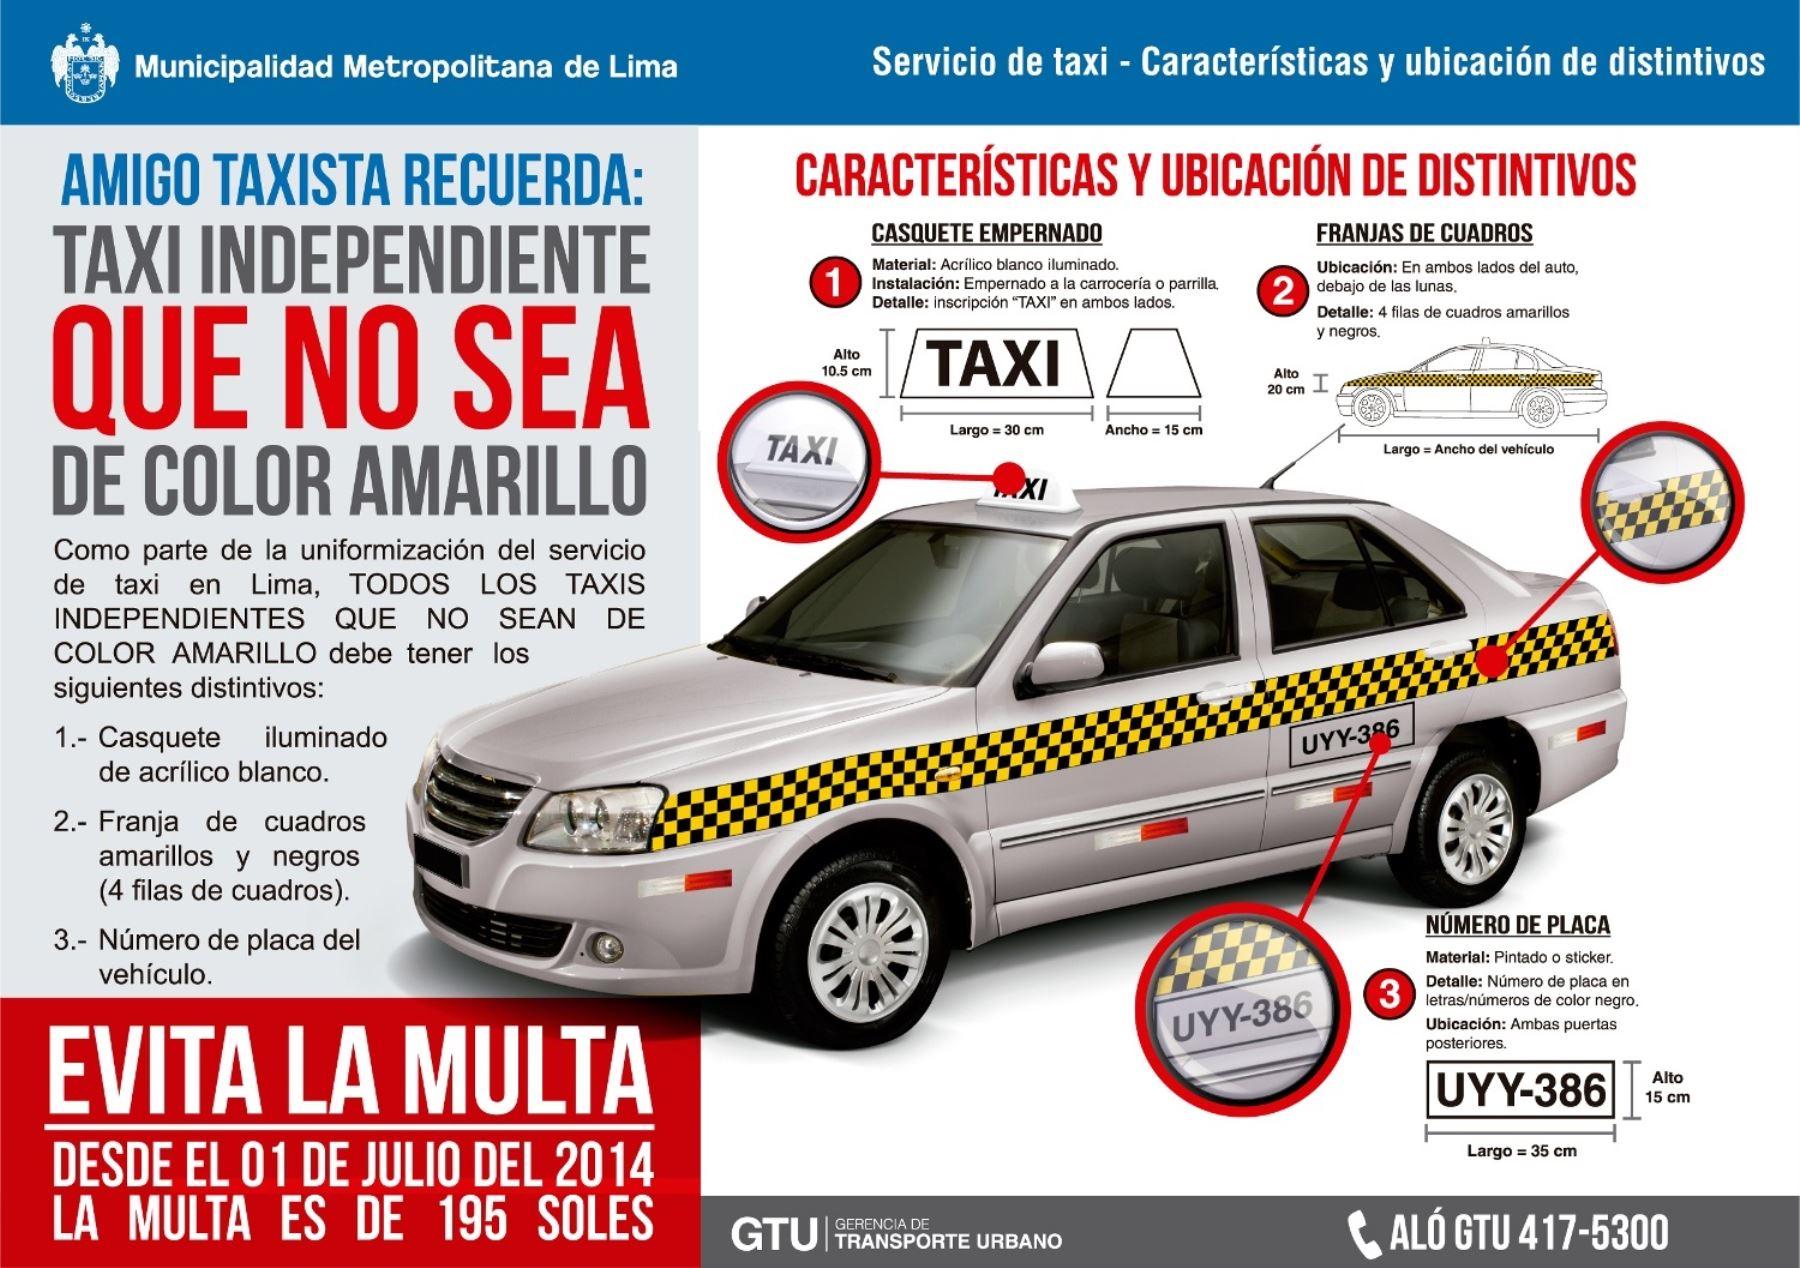 Características técnicas que debe tener un vehículo que se dedica al servicio de taxi en Lima.